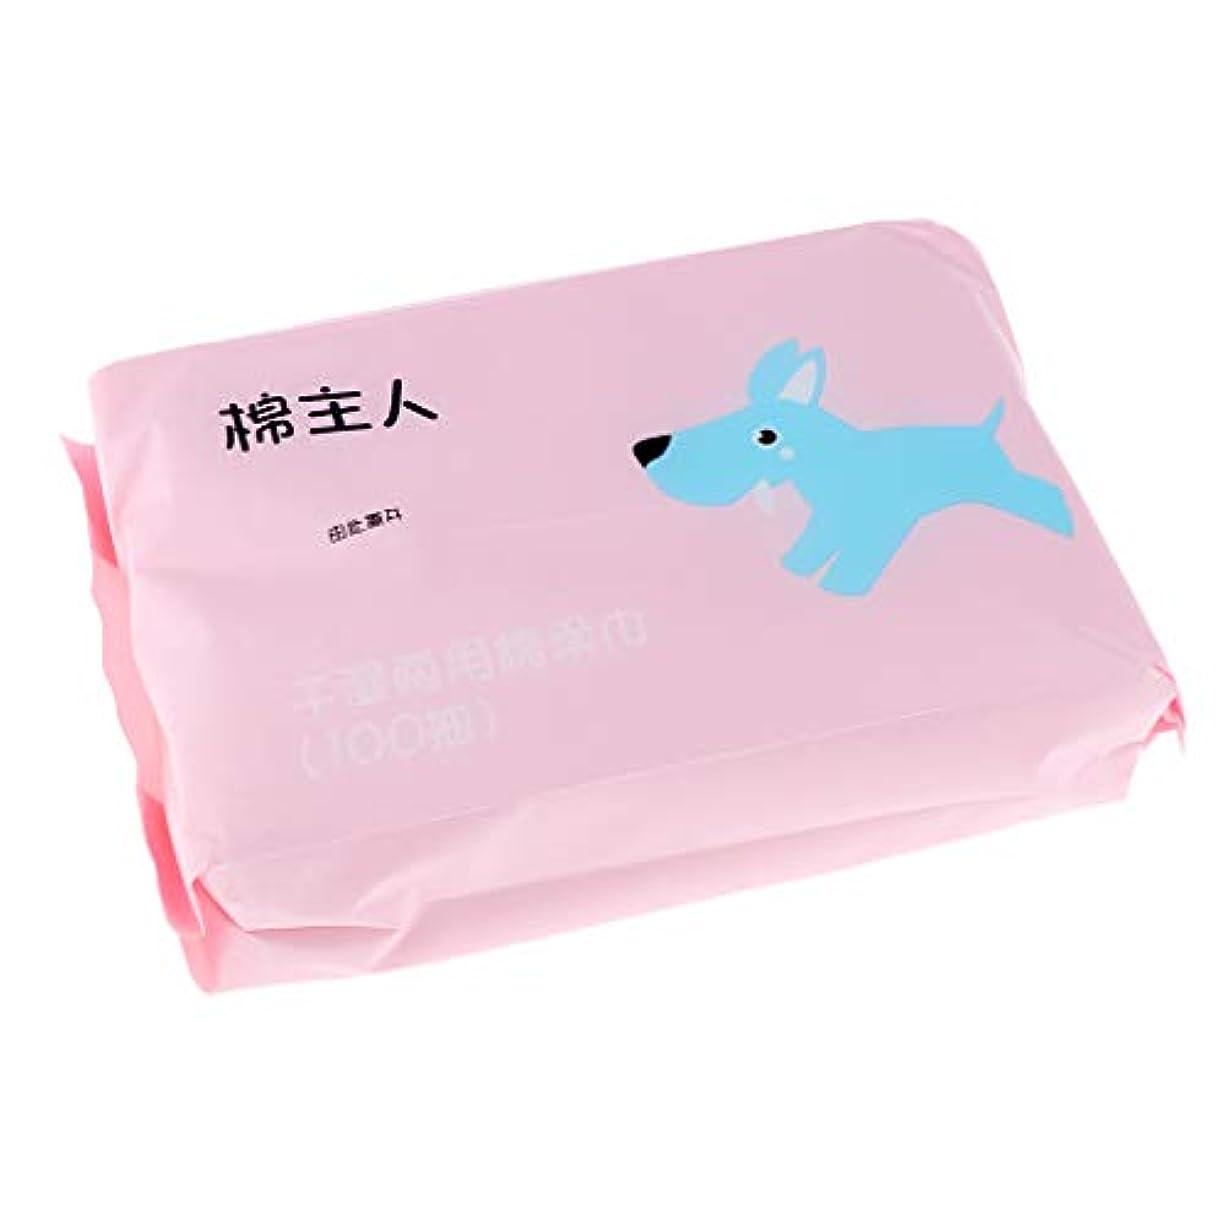 アソシエイト他の日アパル約100枚 使い捨て クレンジングシート ソフト 2色選べ - ピンク